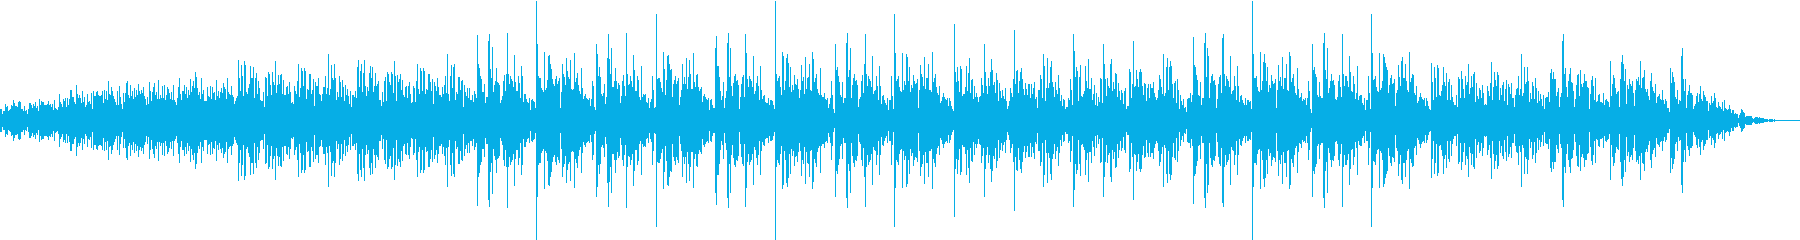 モードな神秘的なSyn曲の再生済みの波形